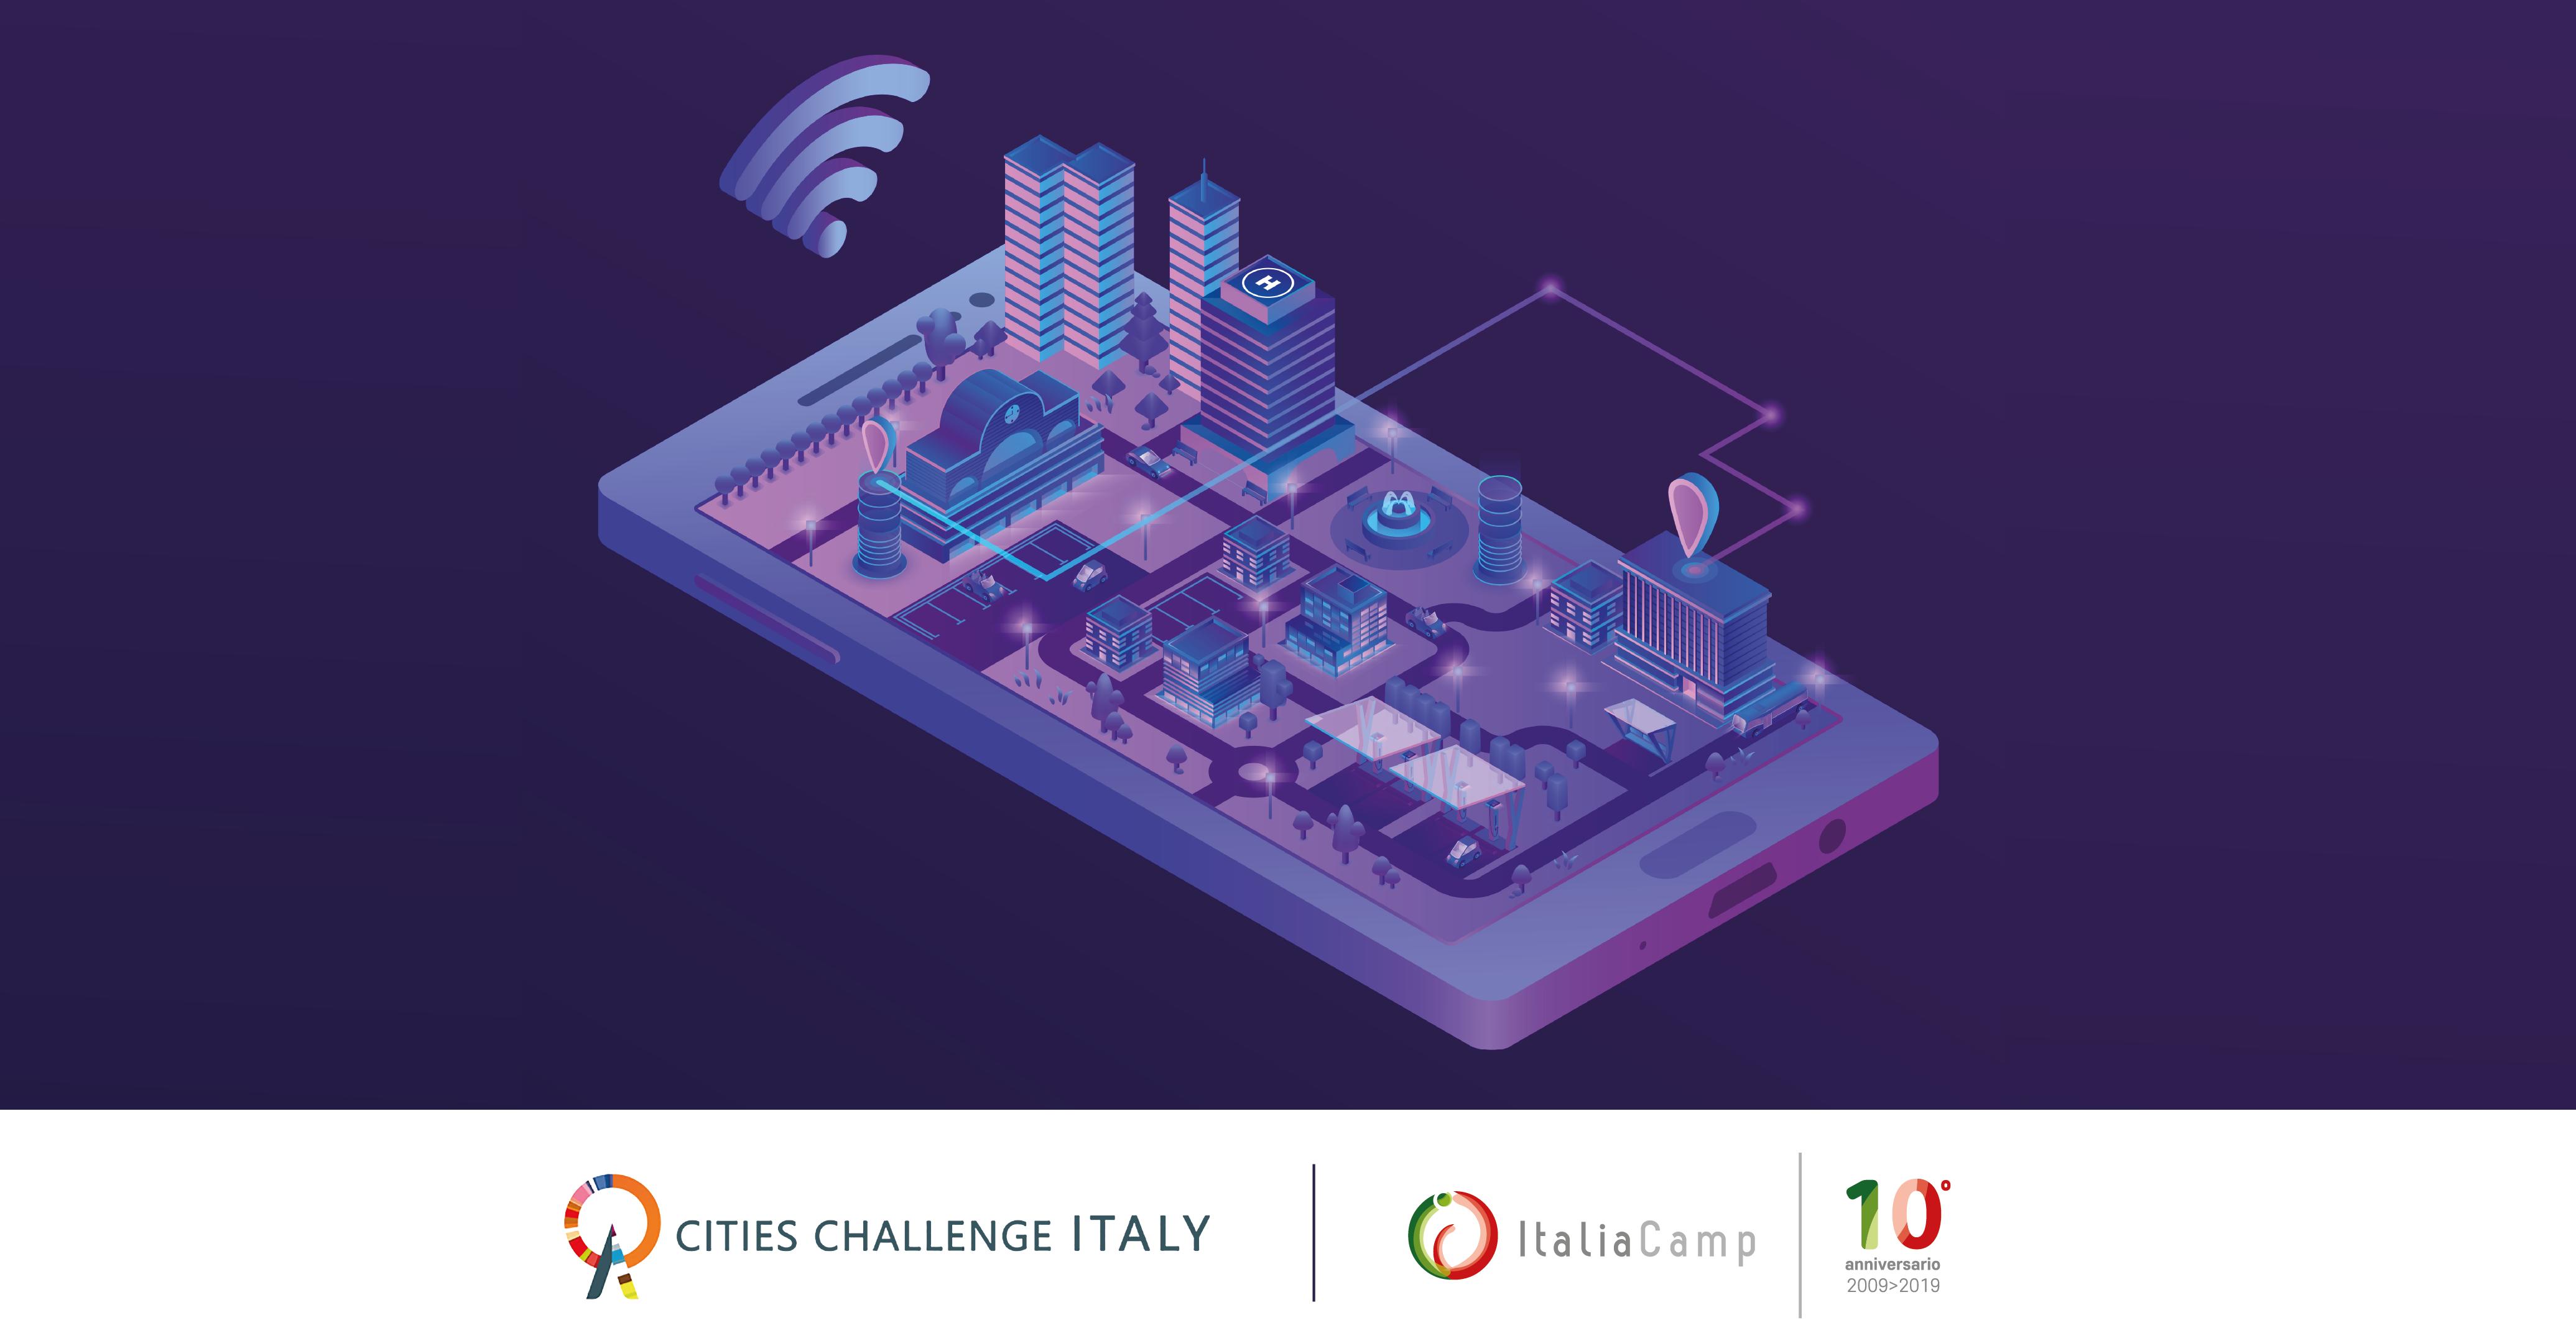 Cities Challenge Italy: Cava de' Tirreni è la città più innovativa